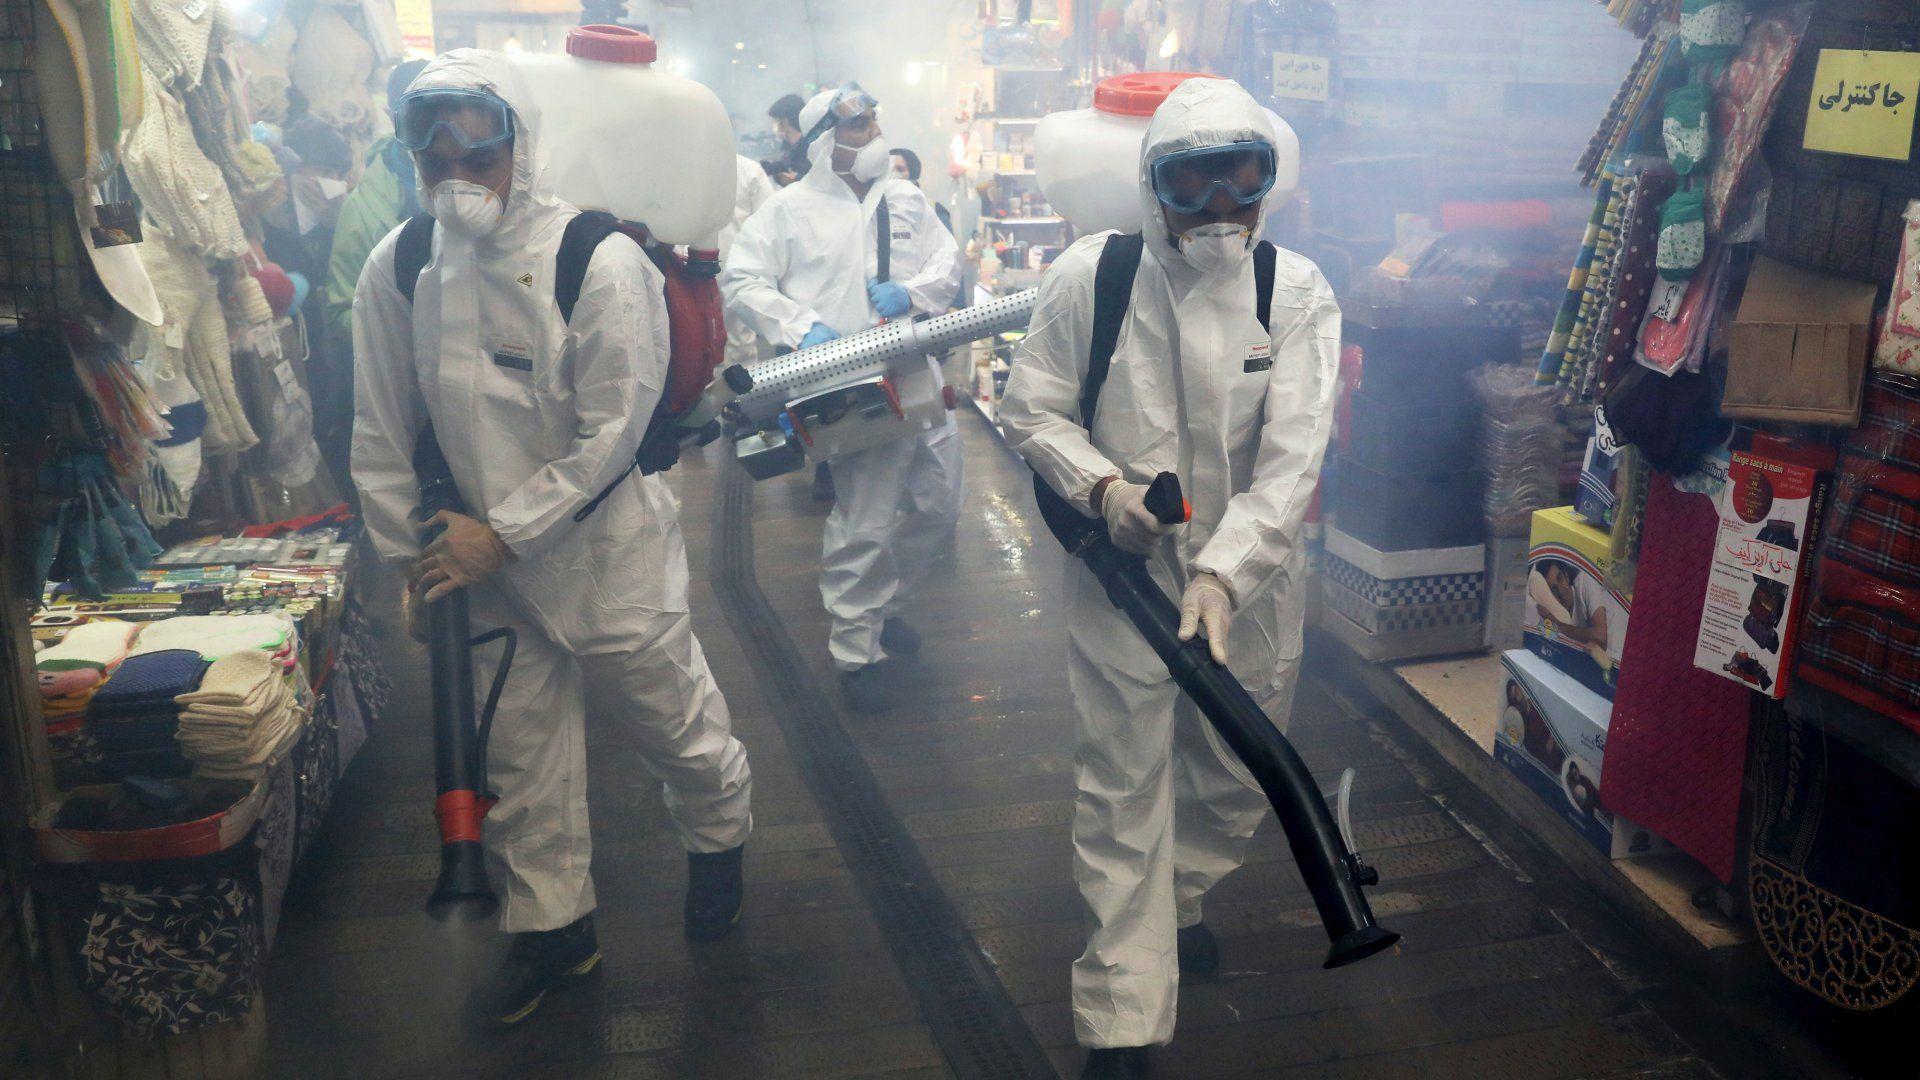 A koronavírus-járvány terjedésének megakadályozára fertőtlenítenek egy észak-teheráni bazárt Iránban 2020. március 6-án. (Fotó: MTI/AP/Ebrahim Norúzi)